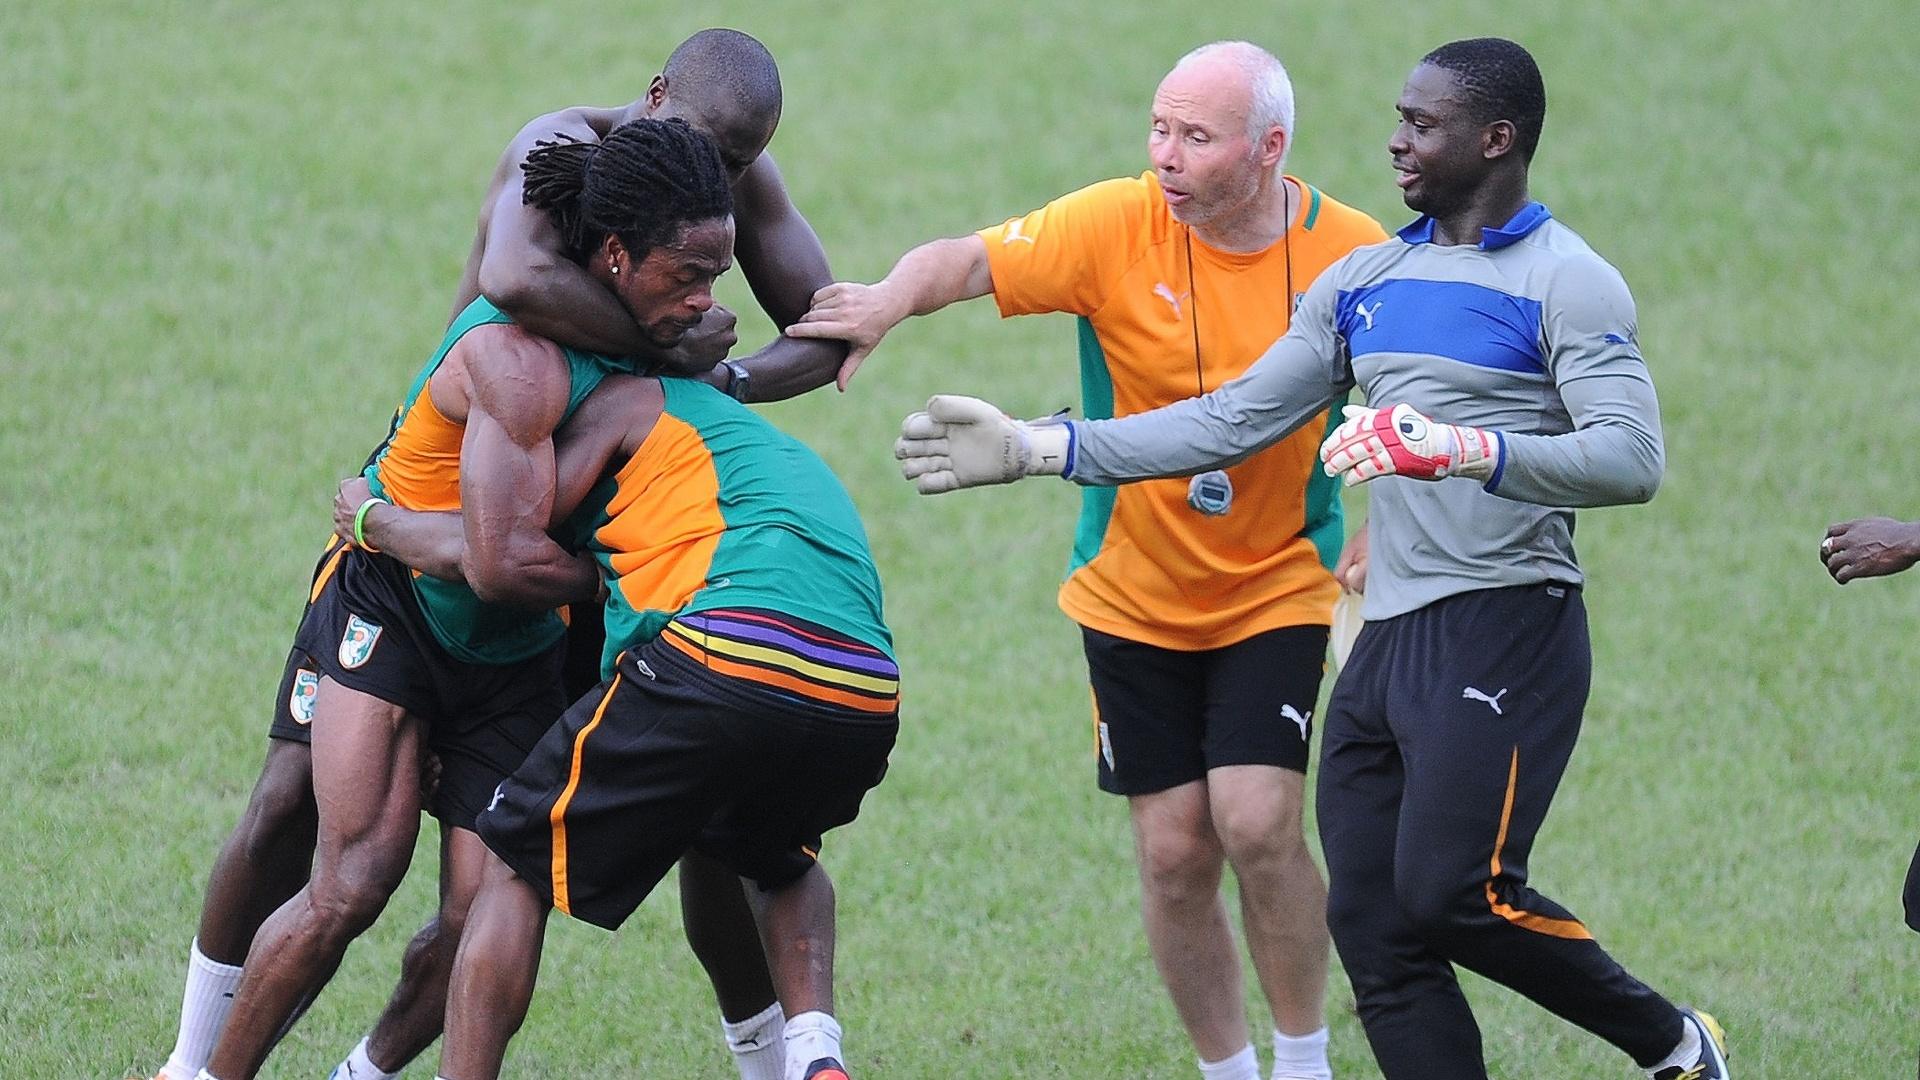 Gossio Gossio (à esq) e Abdul Razak (de costas) brigam durante treino da seleção da Costa do Marfim que se prepara para jogar pelas eliminatórias africanas no domingo